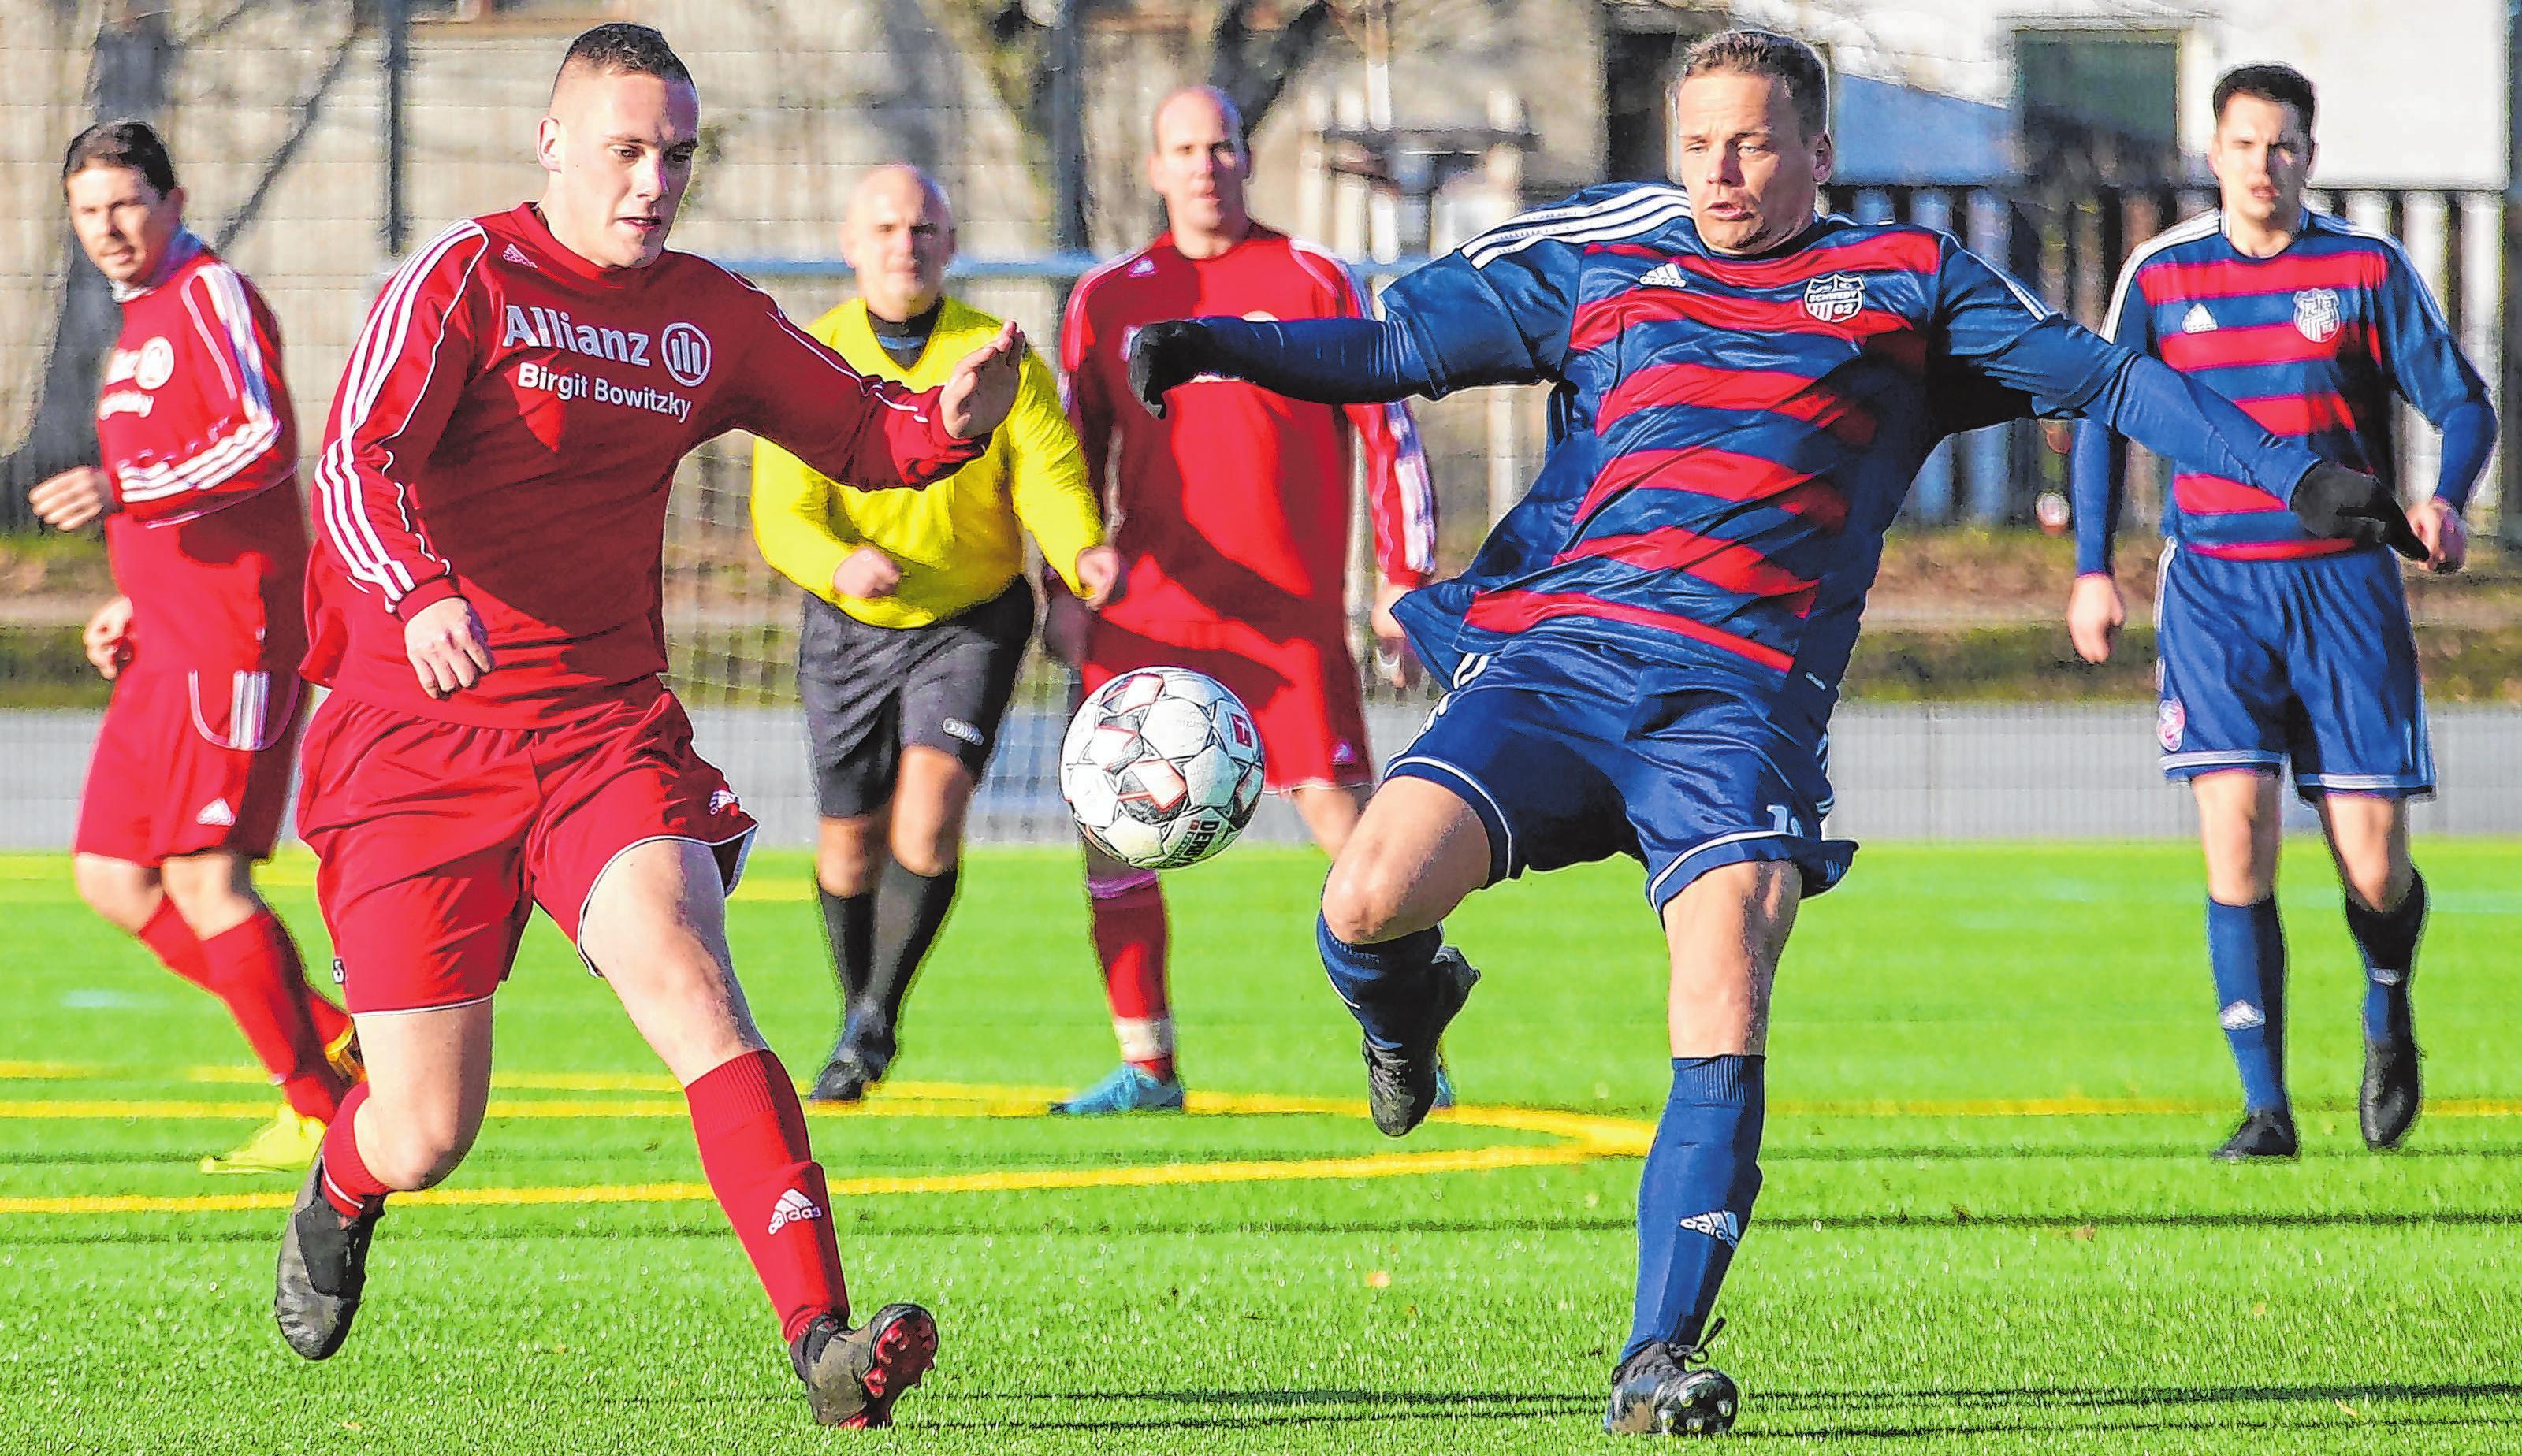 Vier Schwedter Mannschaften (im Bild Szene aus FC Schwedt II gegen Heinersdorfer SV von 2019/20) sowie der VfB Gramzow II – das ist alles, was die östliche Uckermark in der neuen Spielzeit in der Kreispoberliga an den Start bringt. Sieben Teams, aus zehn Vereinen formiert, stellt der westliche Kreis.